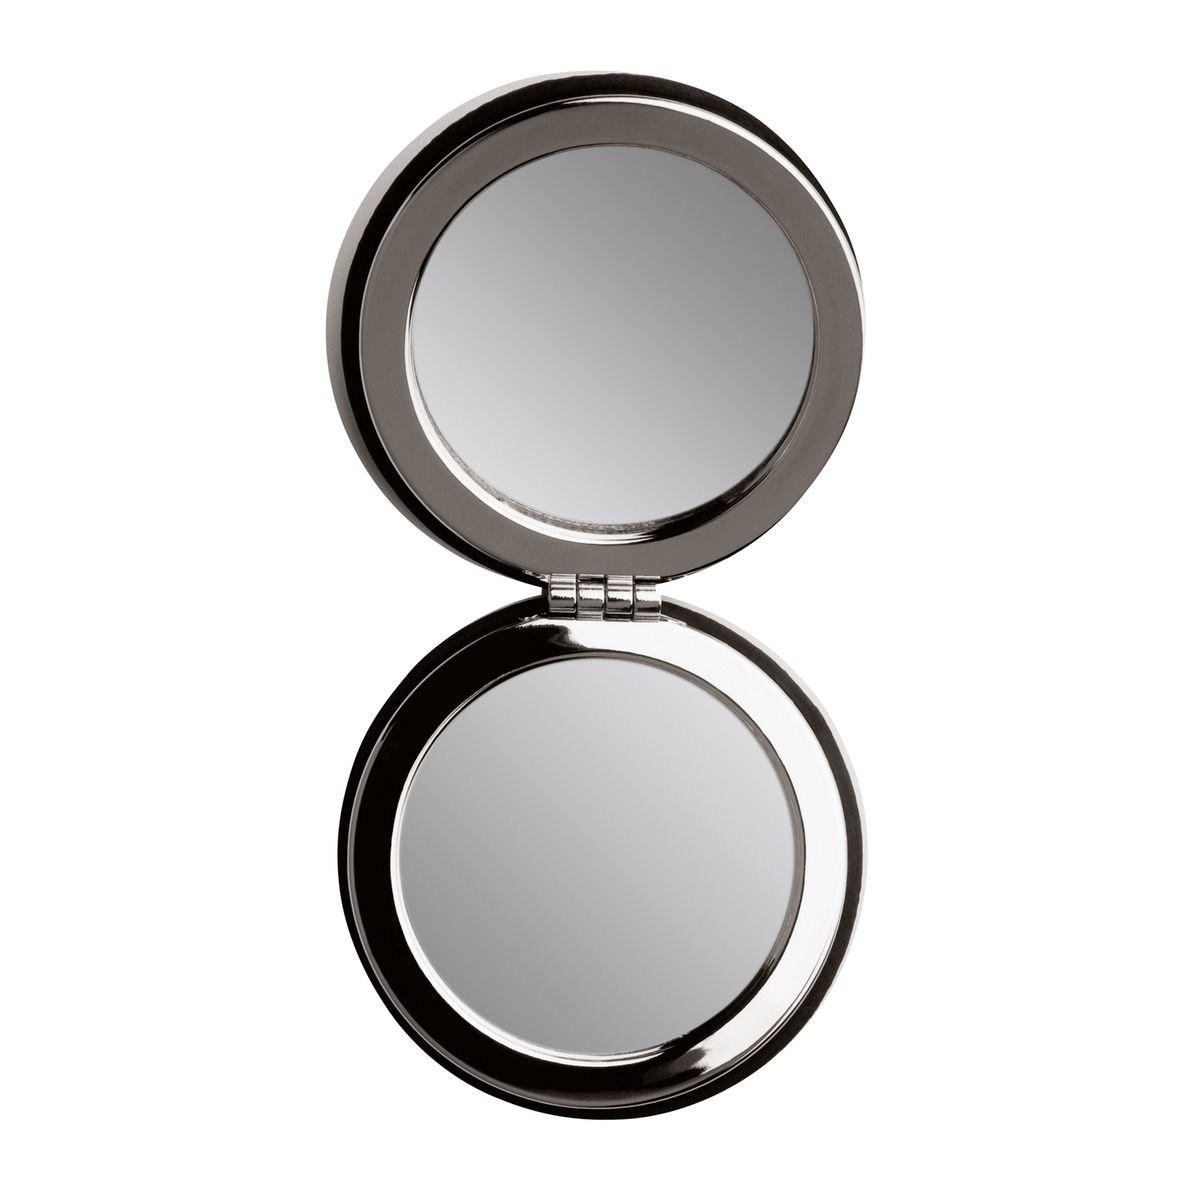 Taschenspiegel REFLECTS-MELUN BLACK, Ansicht 3